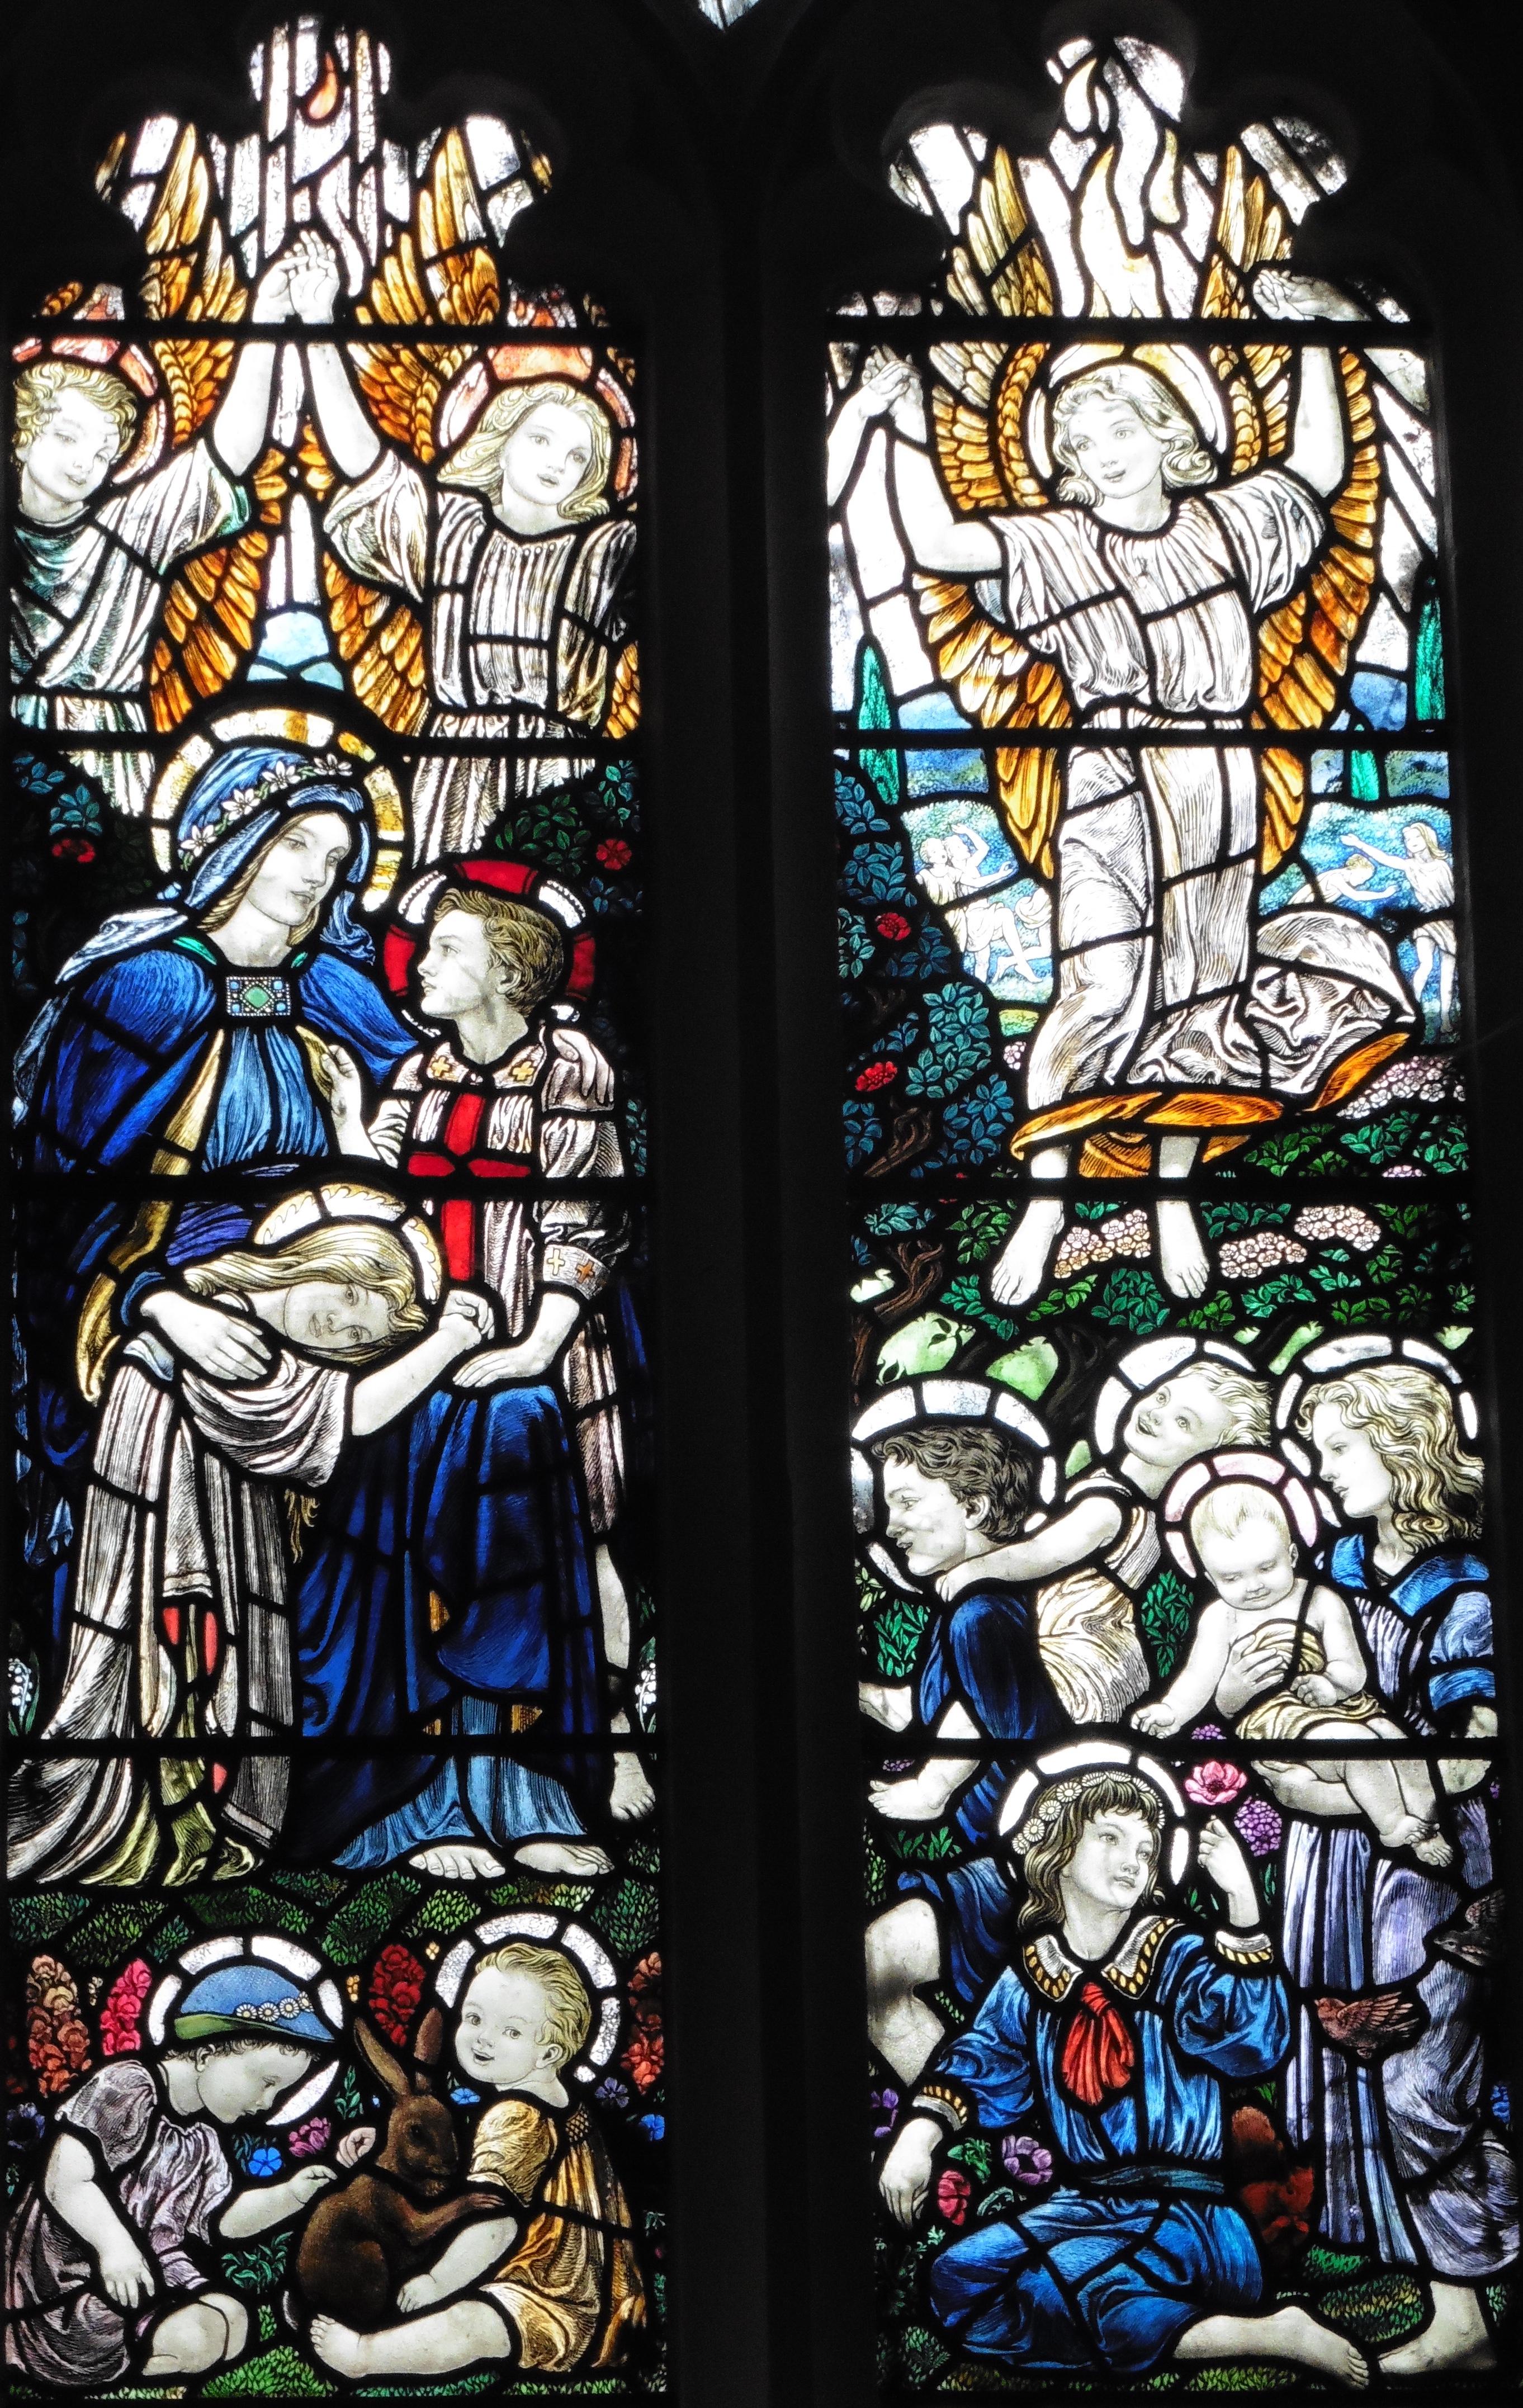 File:St Swithun's, Hempsted, Gloucestershire.jpg - Wikipedia